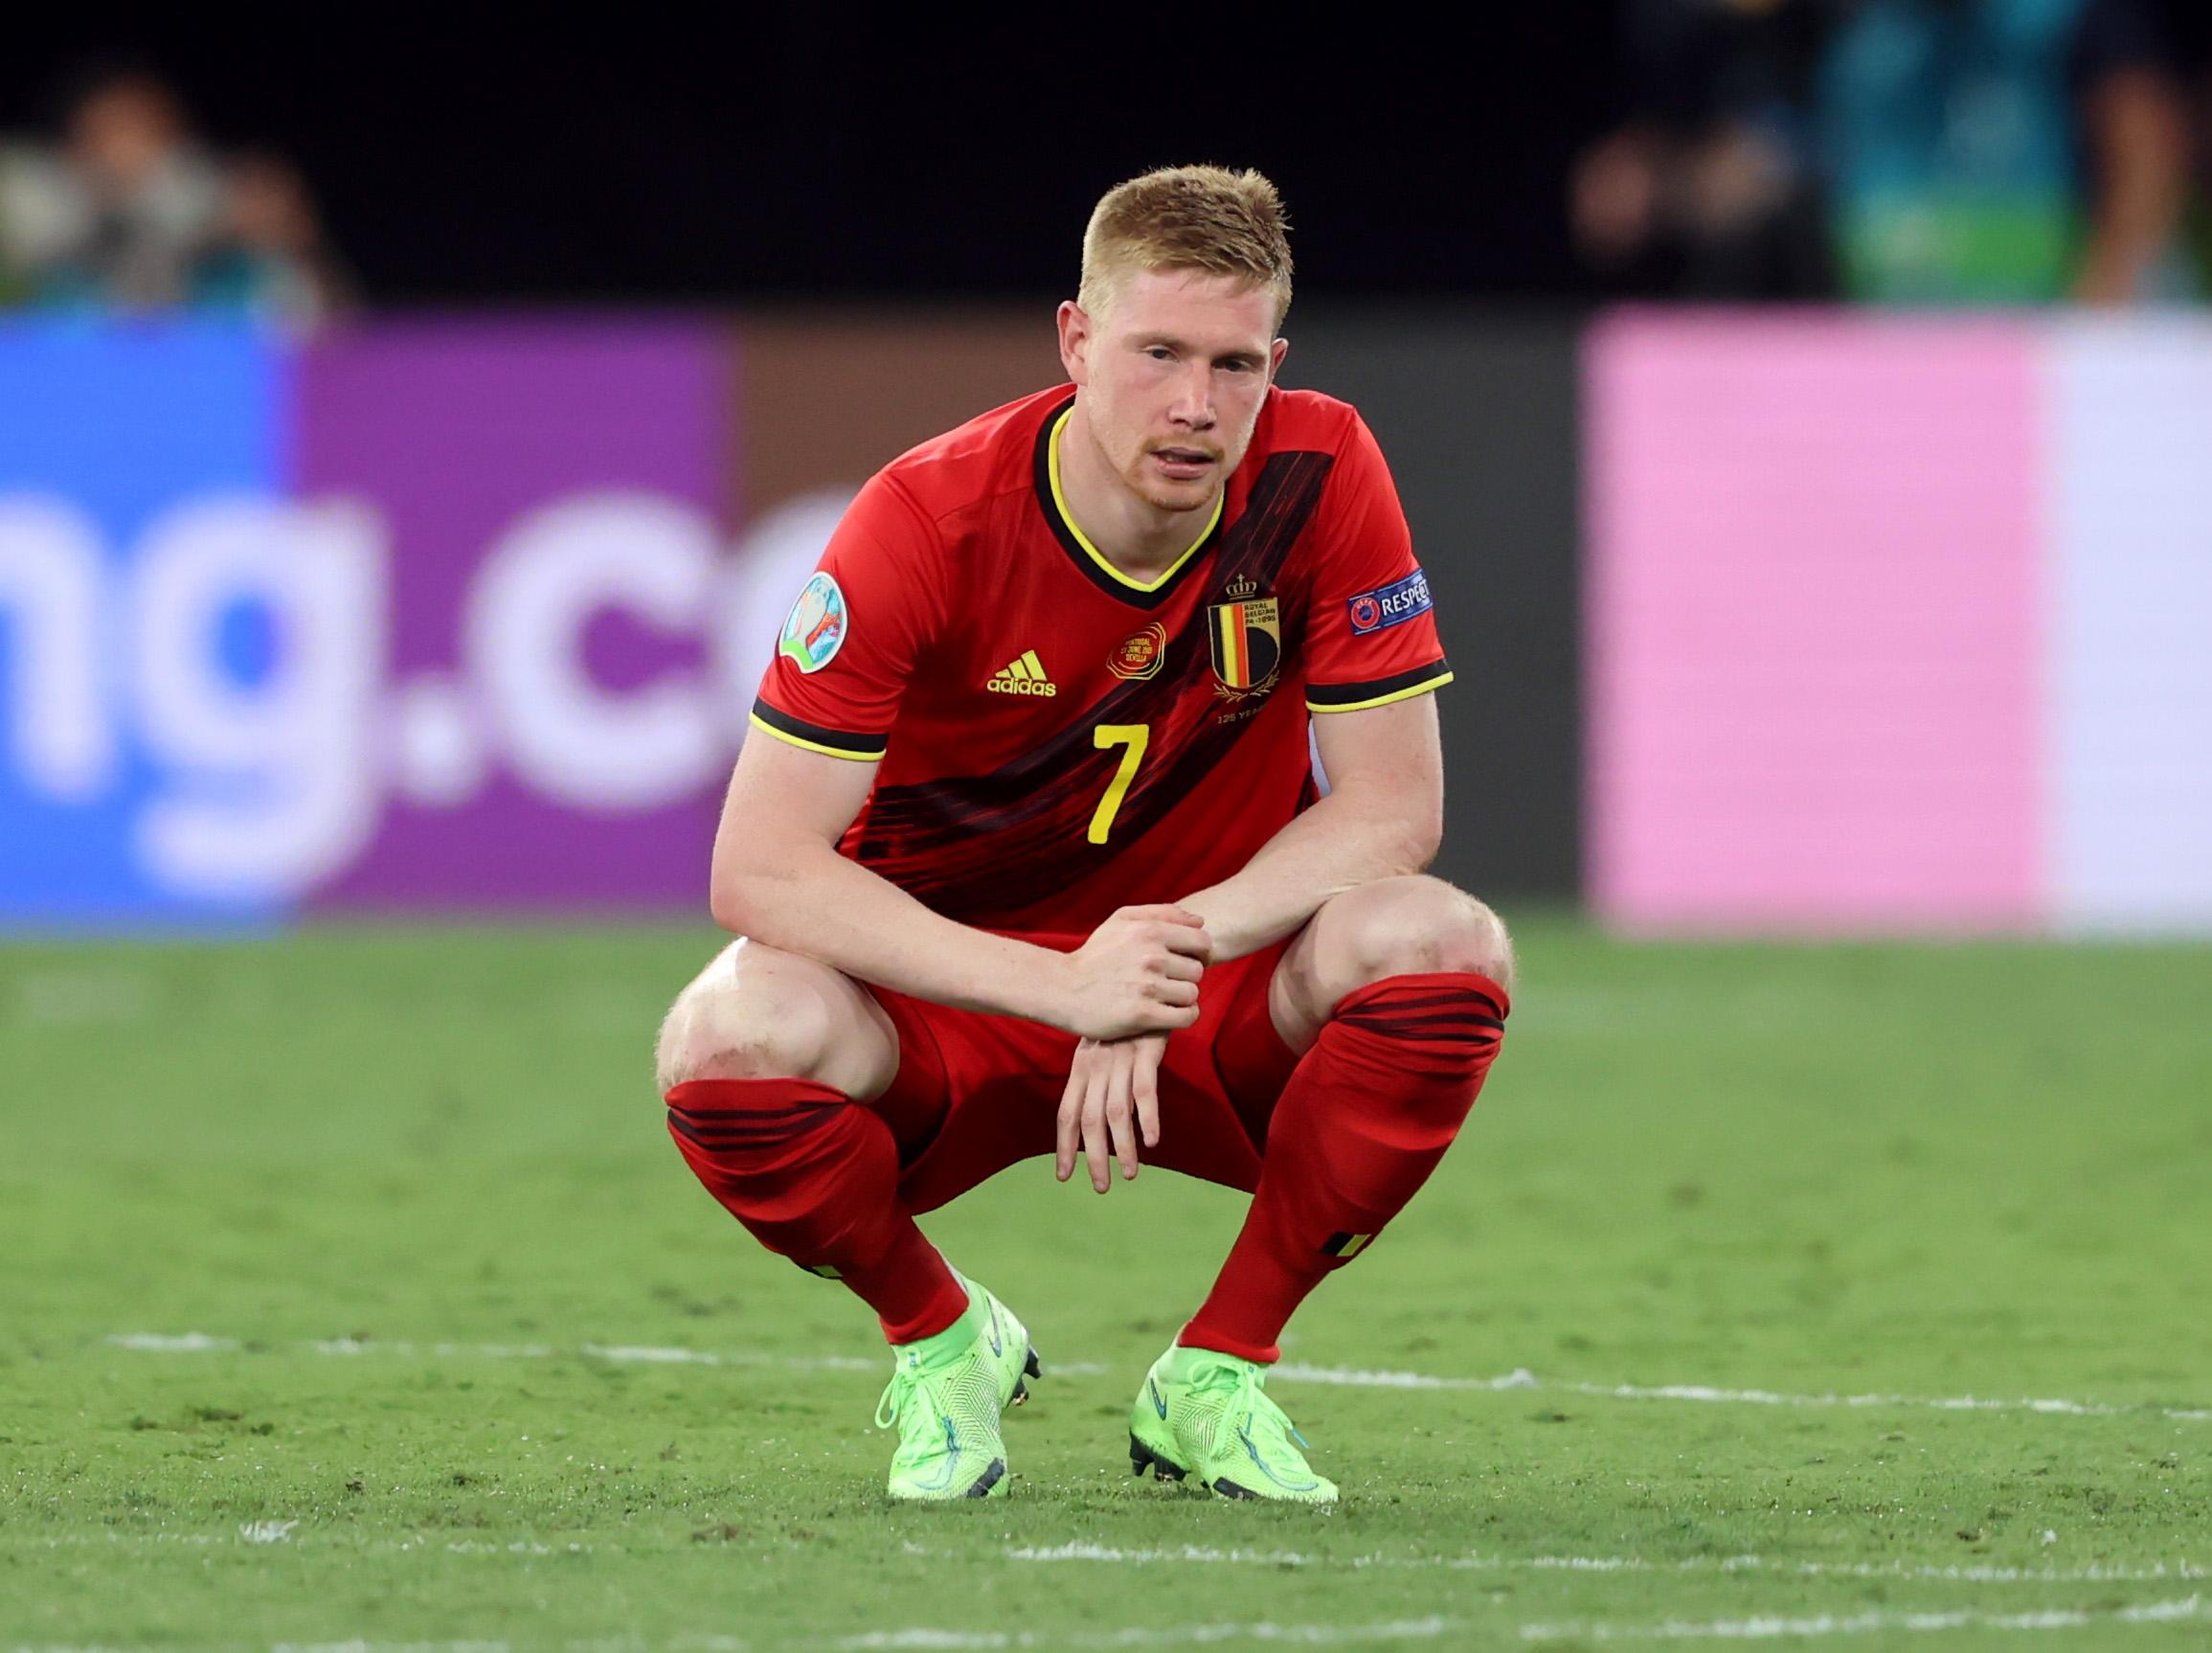 Euro 2020: Ανησυχία στο Βέλγιο για Ντε Μπρόινε και Αζάρ ενόψει Ιταλίας